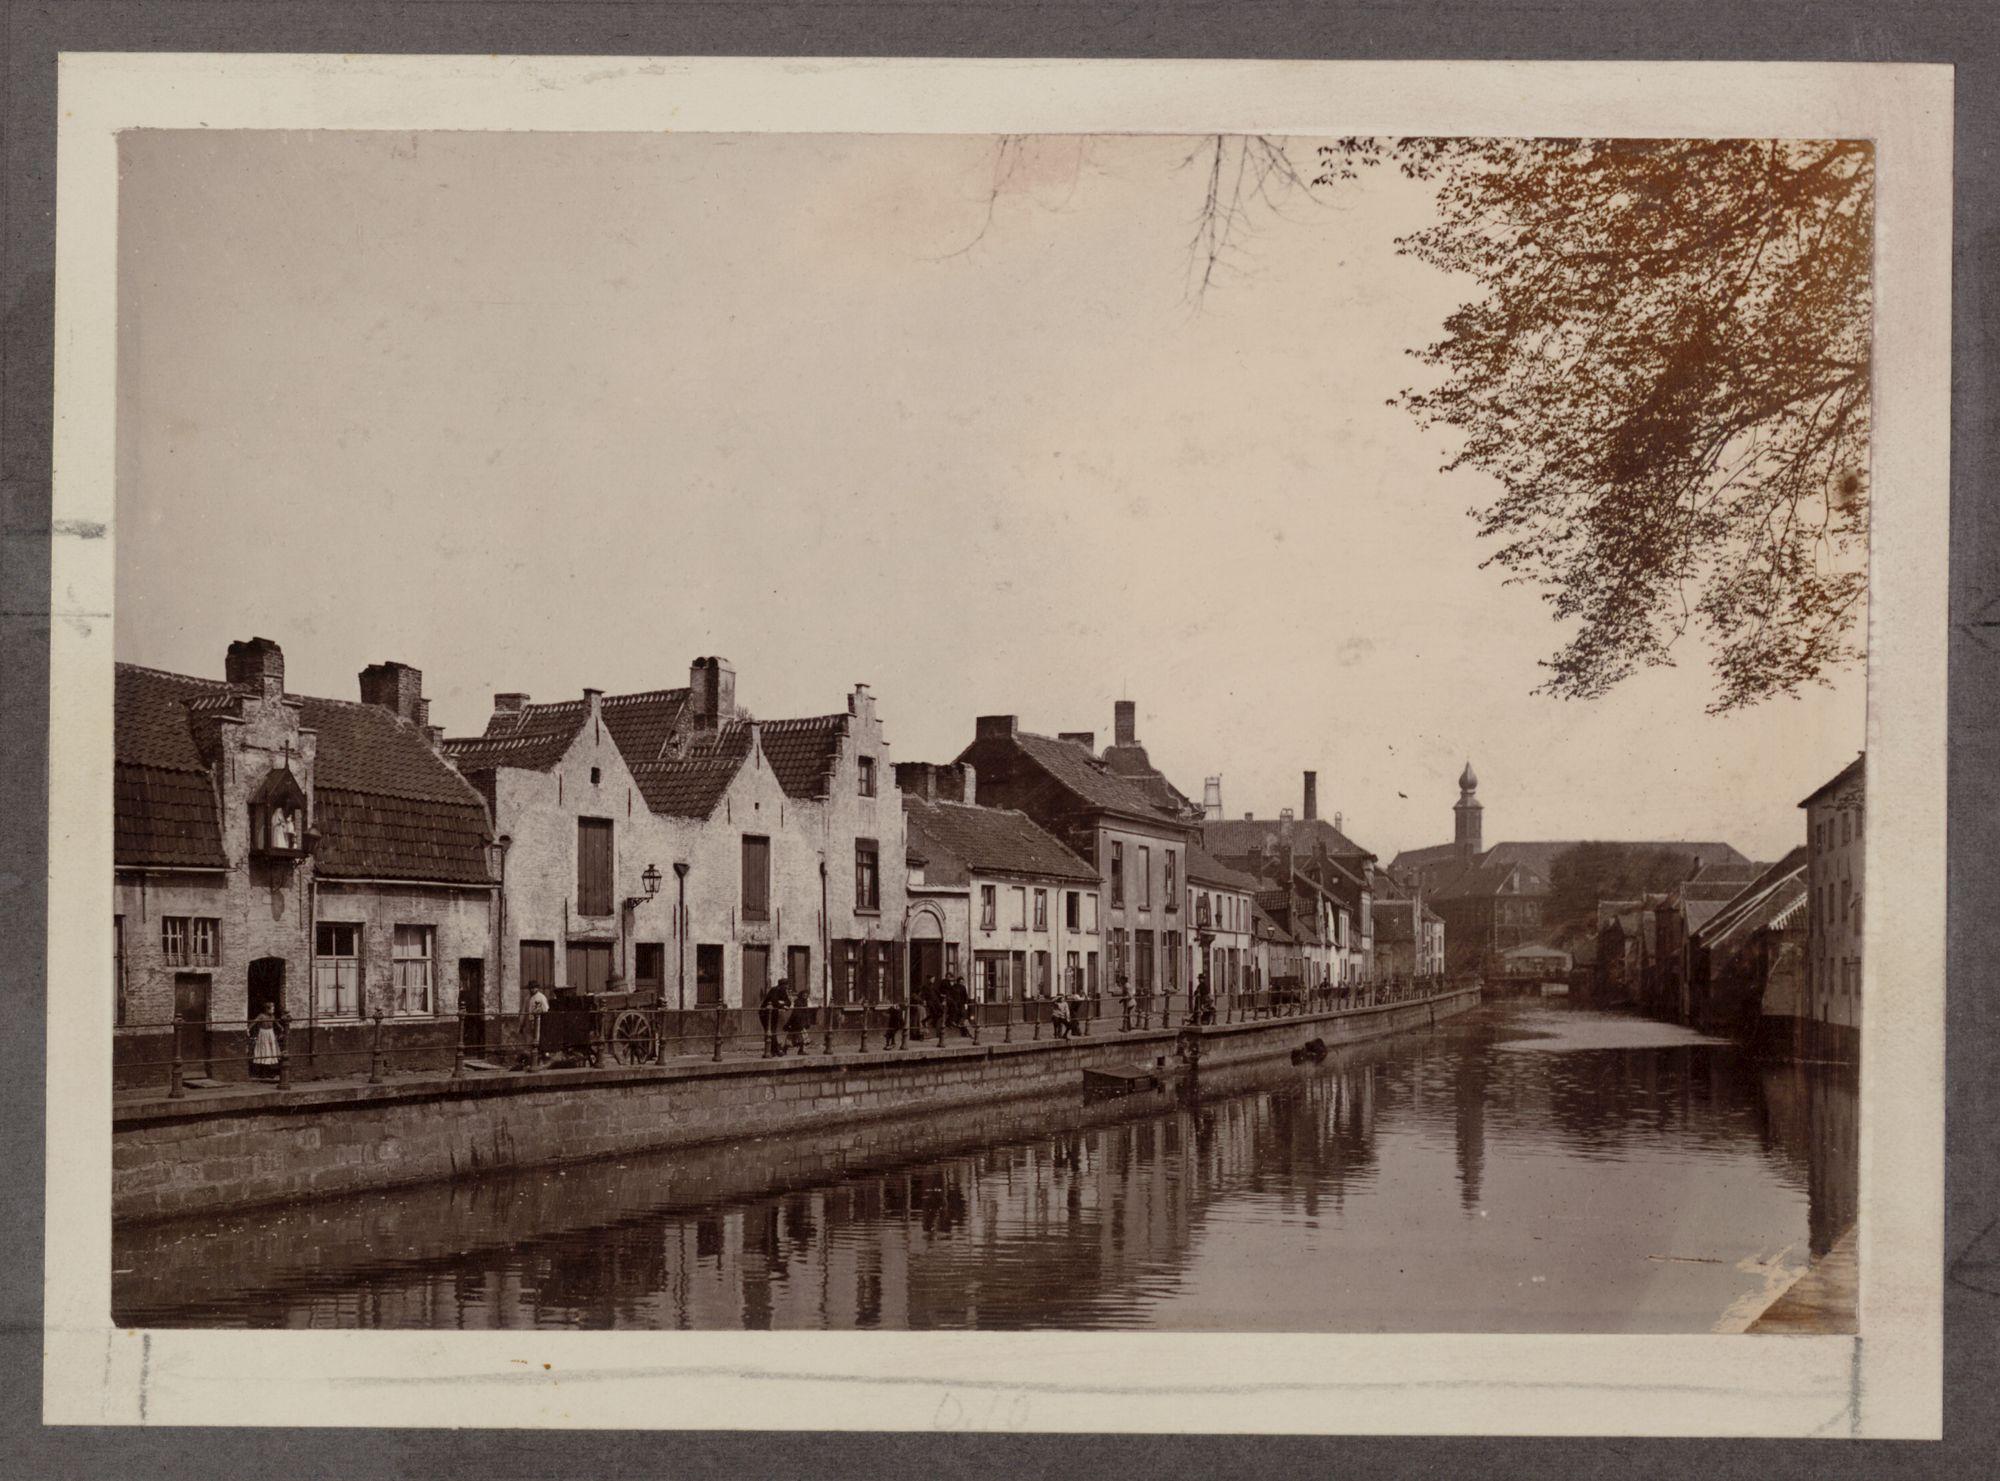 Gent: Sint-Antoniuskaai